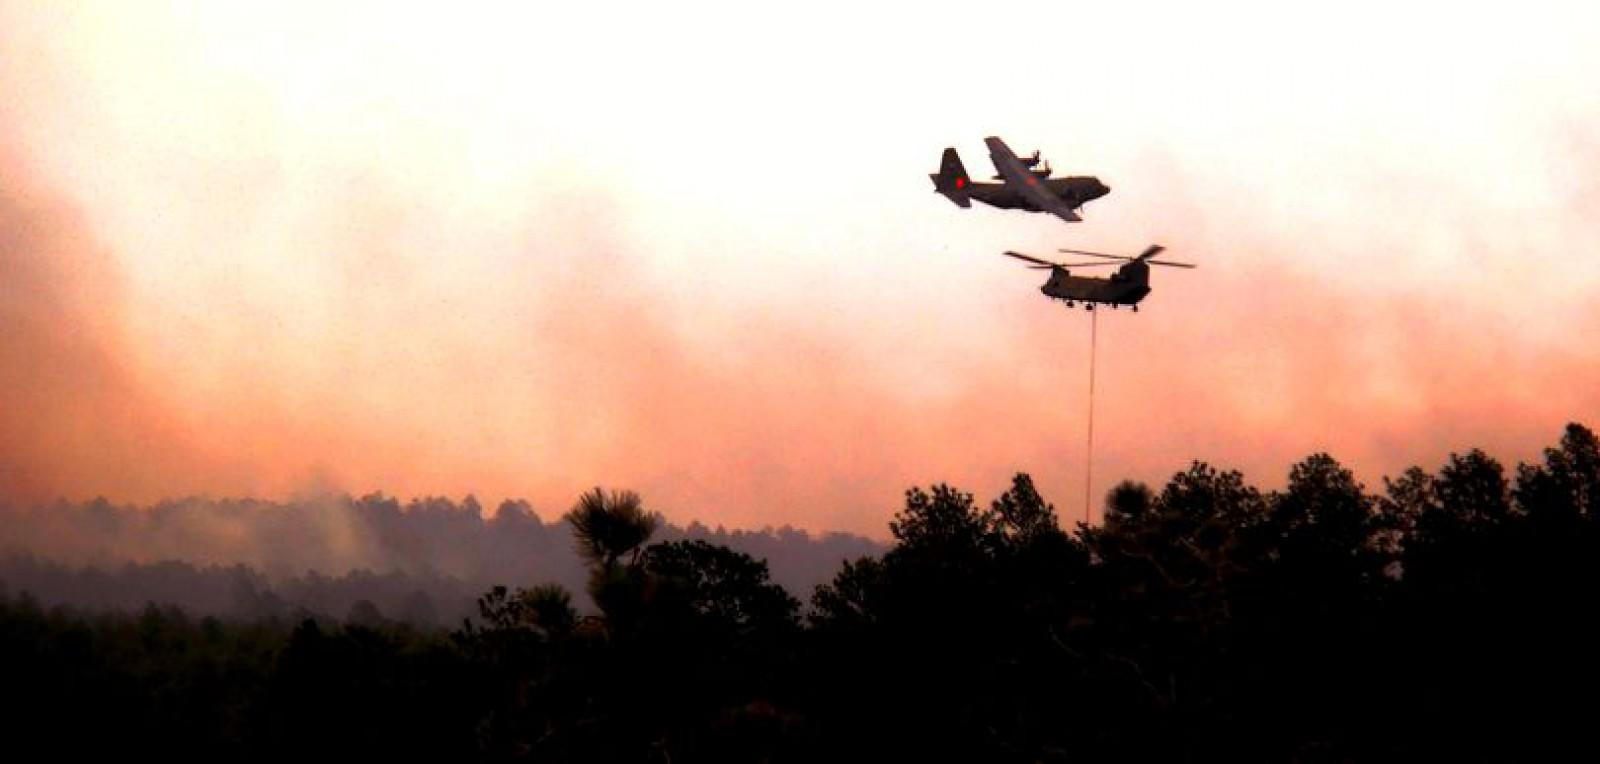 Incendiu de vegetație în Colorado: Peste 2000 de locuințe, evacuate și mii de hectare distruse de flăcări